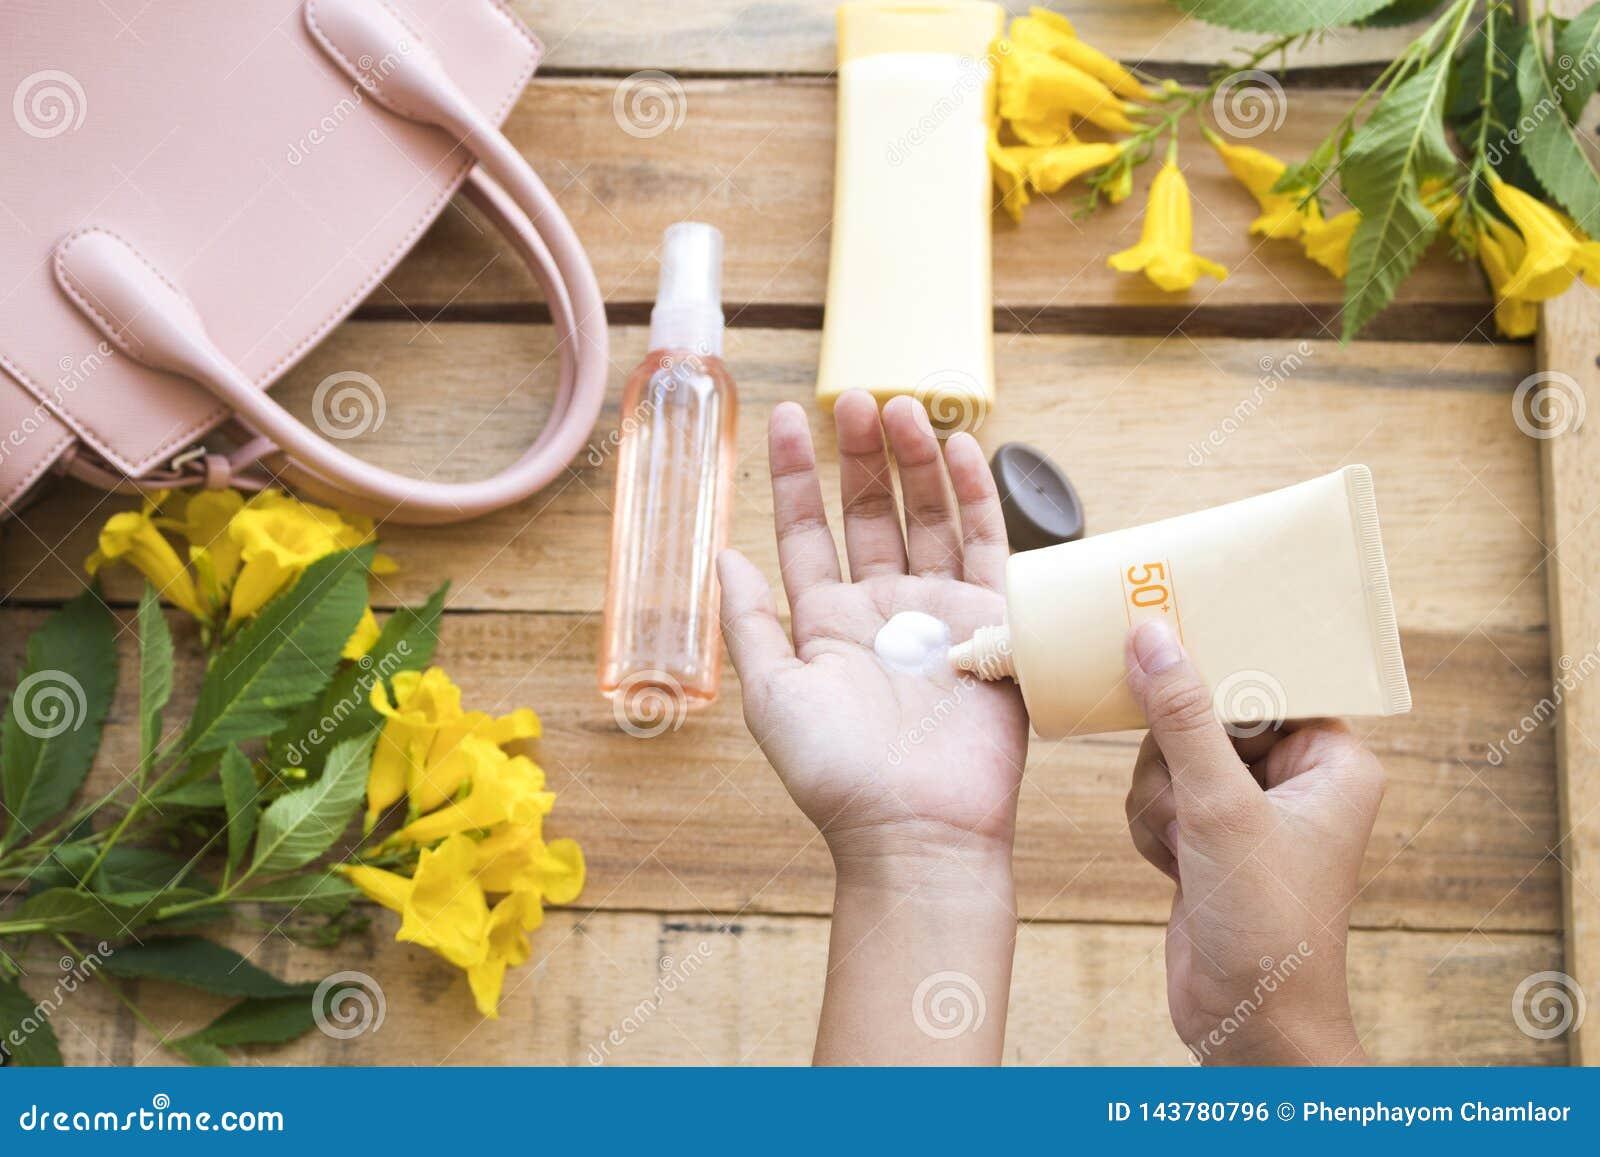 De hand van de roomzonnescherm spf50 van de meisjeshelling beschermt voor huidgezicht